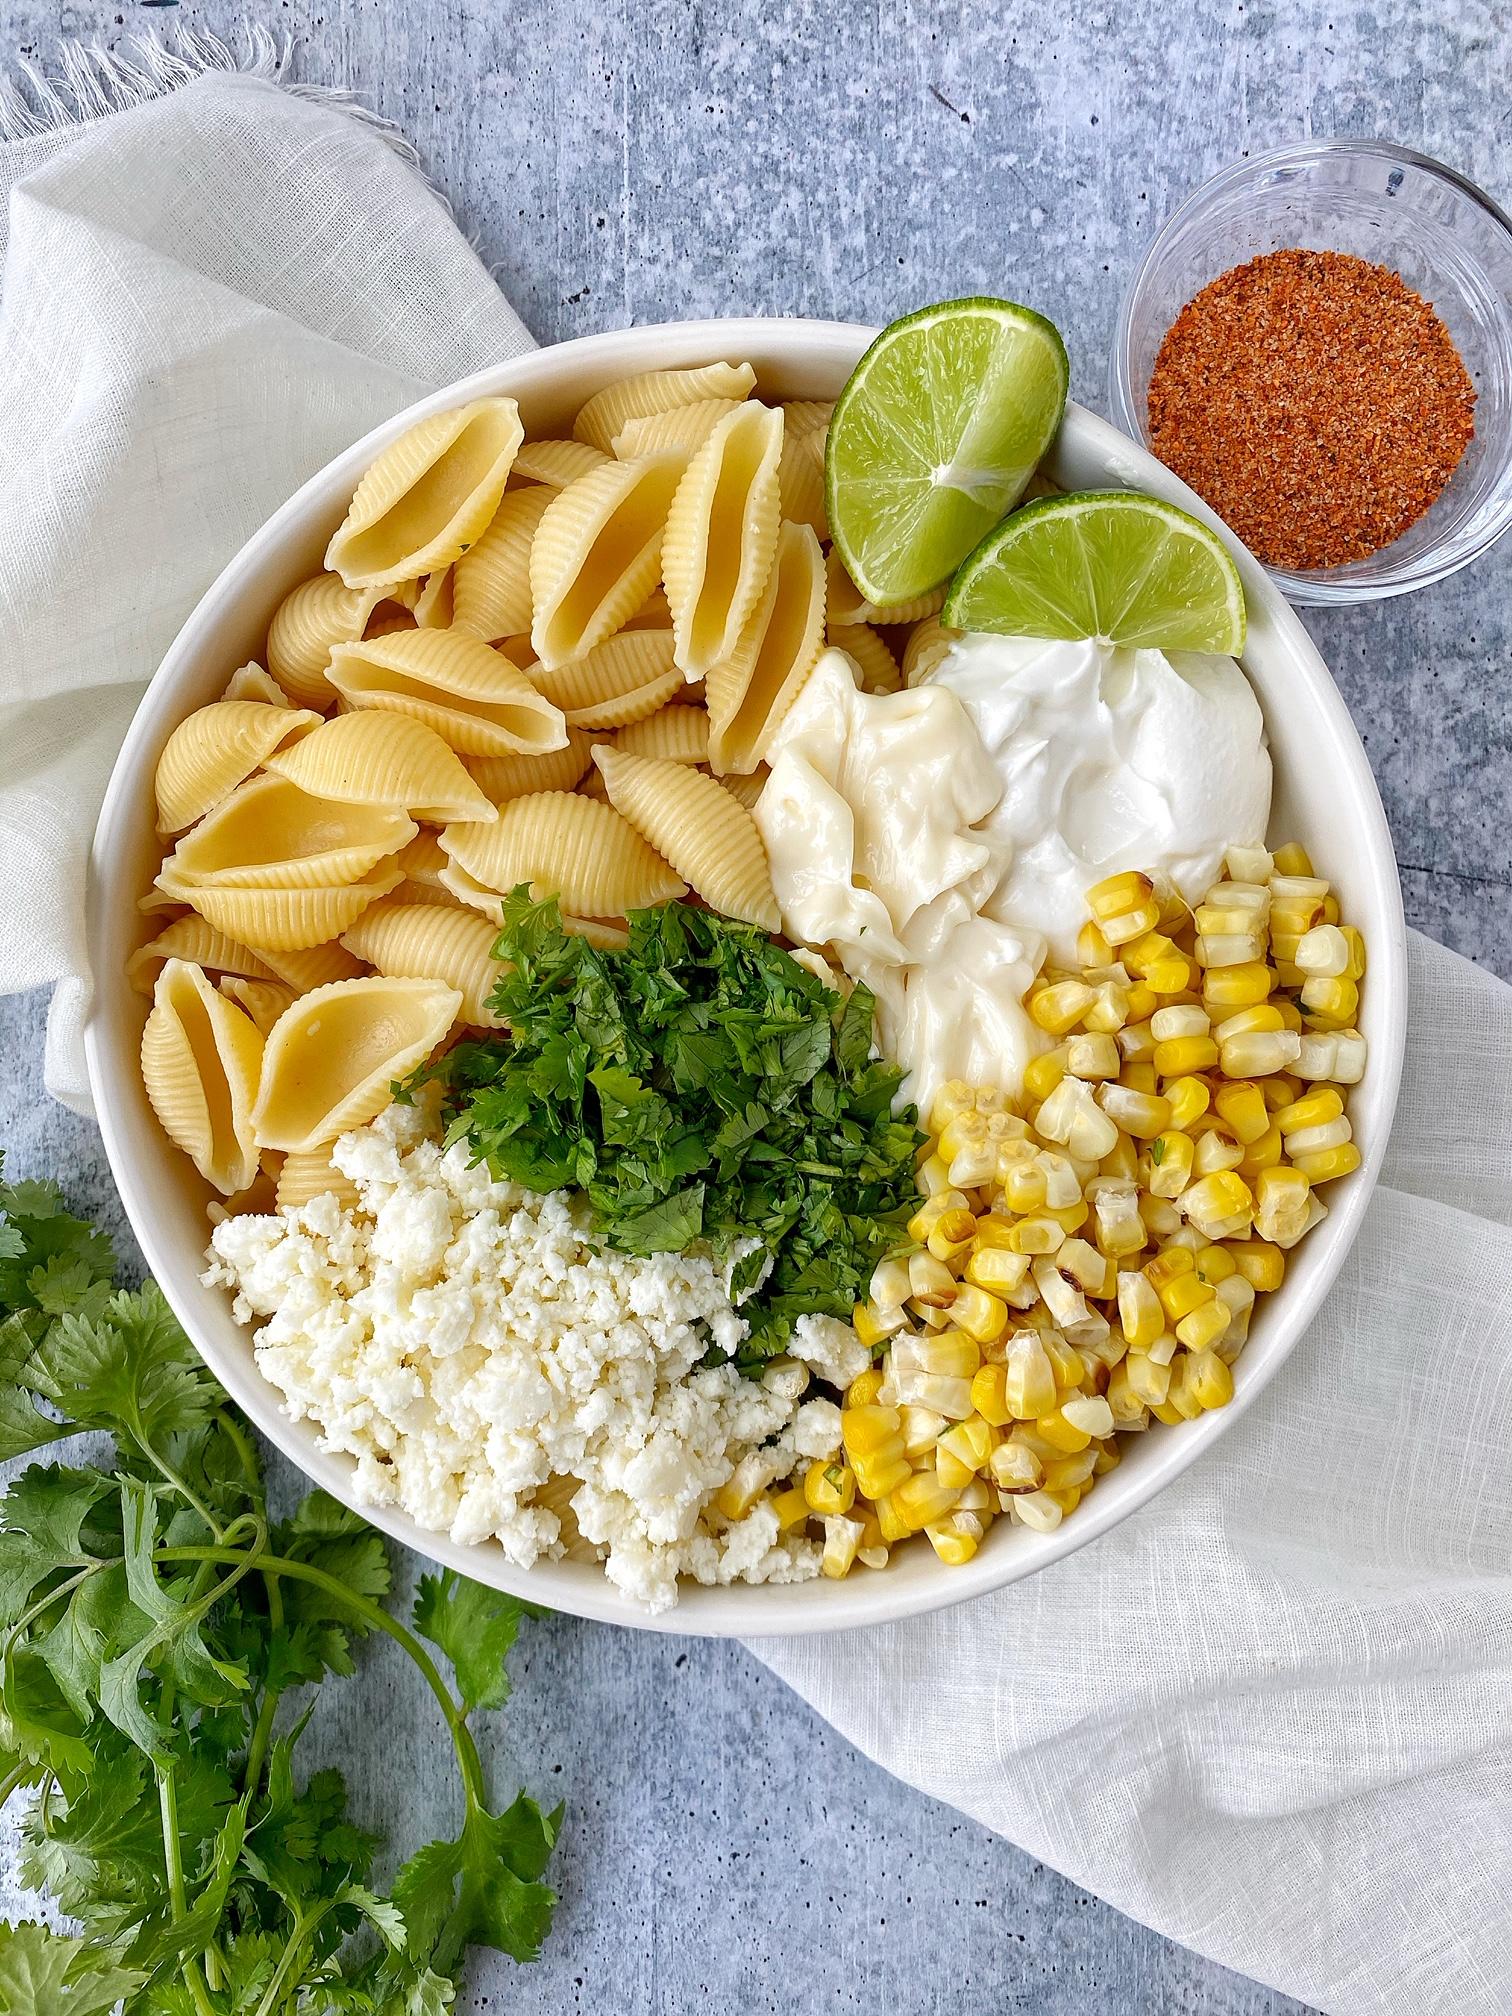 Pasta, sour cream, crumbled cheese, cilantro, and corn in a white bowl. Lime garnish, cilantro garnish, chili powder on the side.